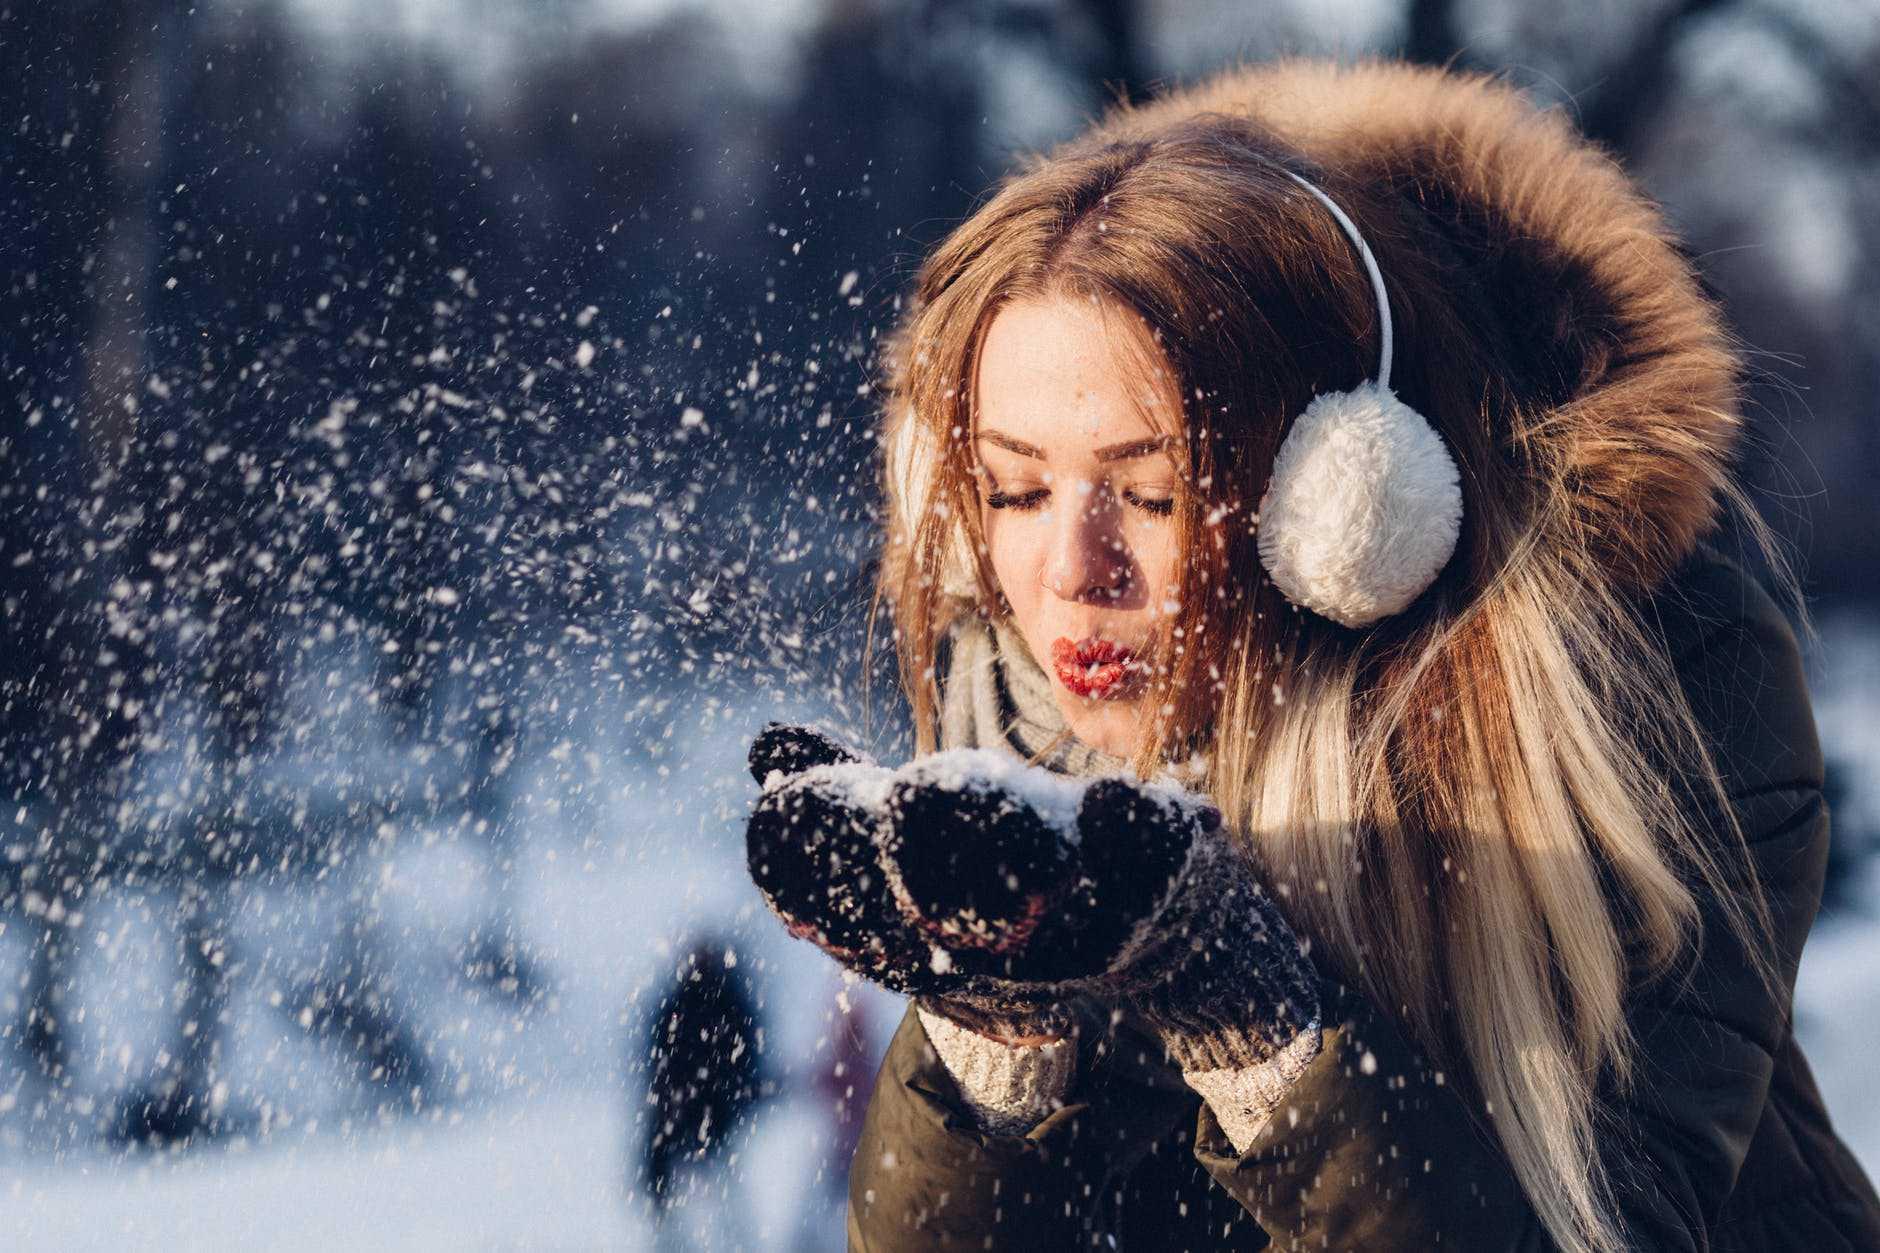 Мороз на пороге: как защититься от холода